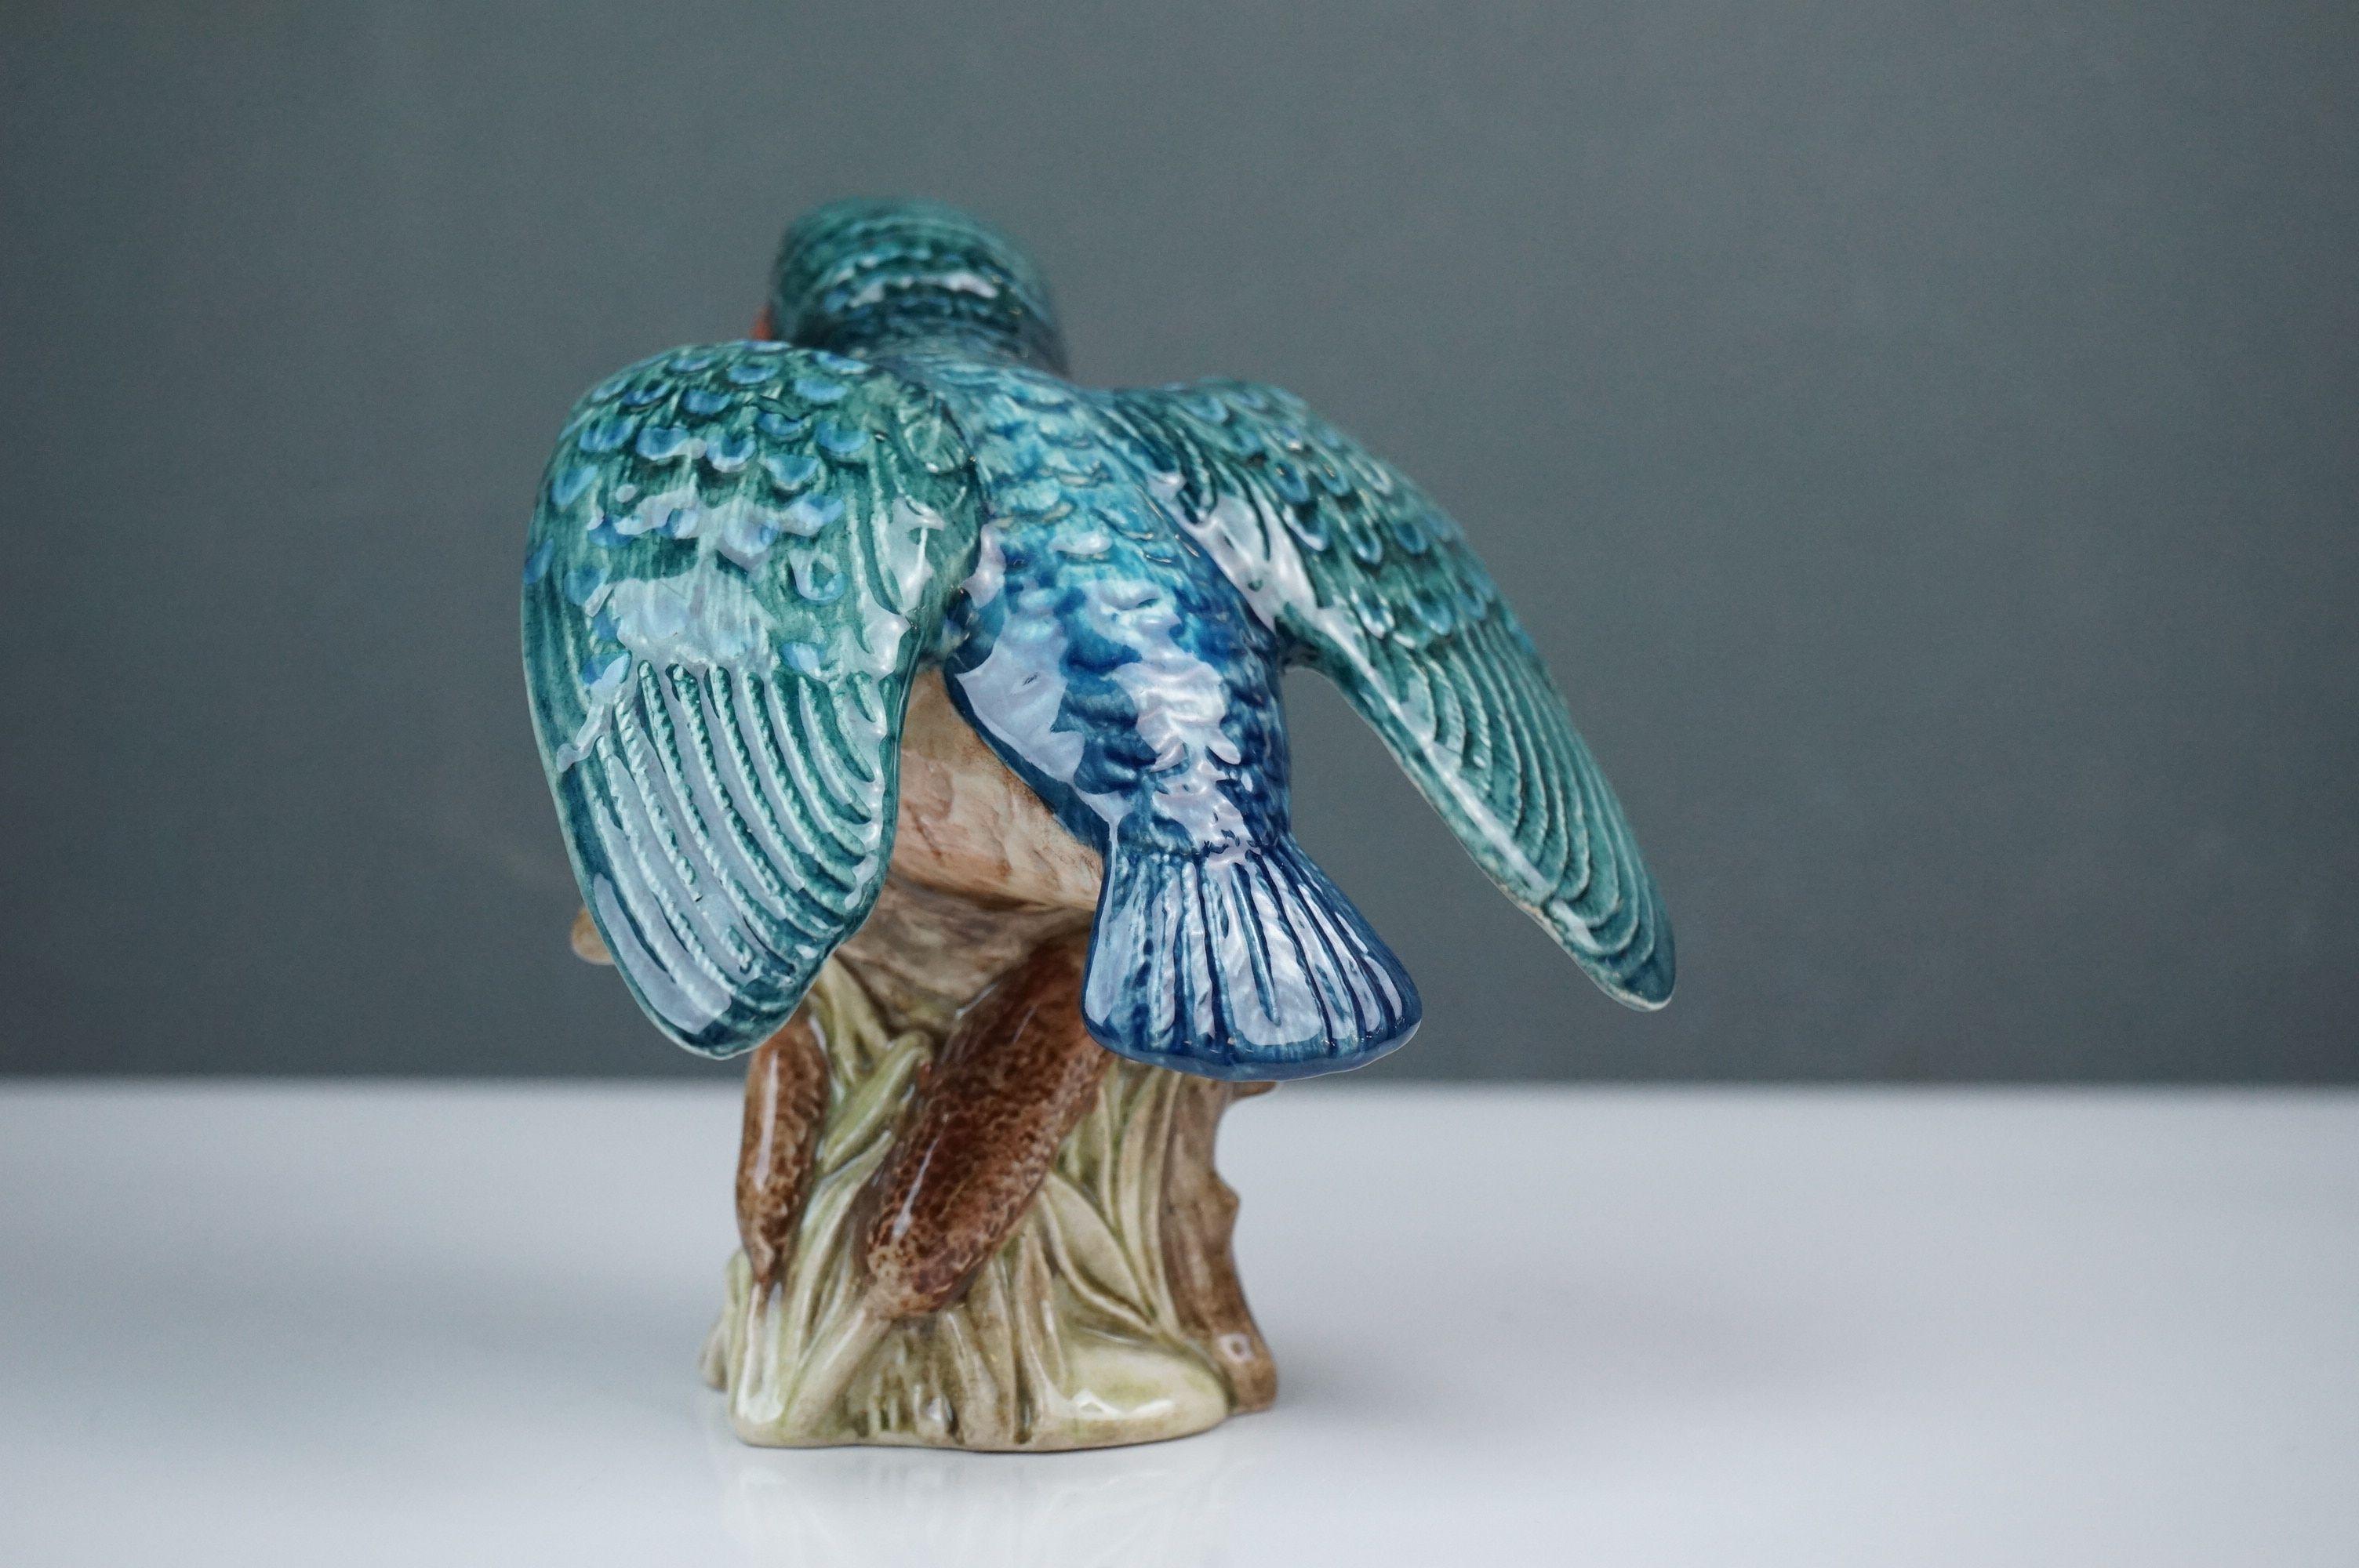 Beswick Eagle on Rock (no. 2307), Beswick Owl (no. 1046a) and Beswick Kingfisher (no. 2371) - Image 7 of 11